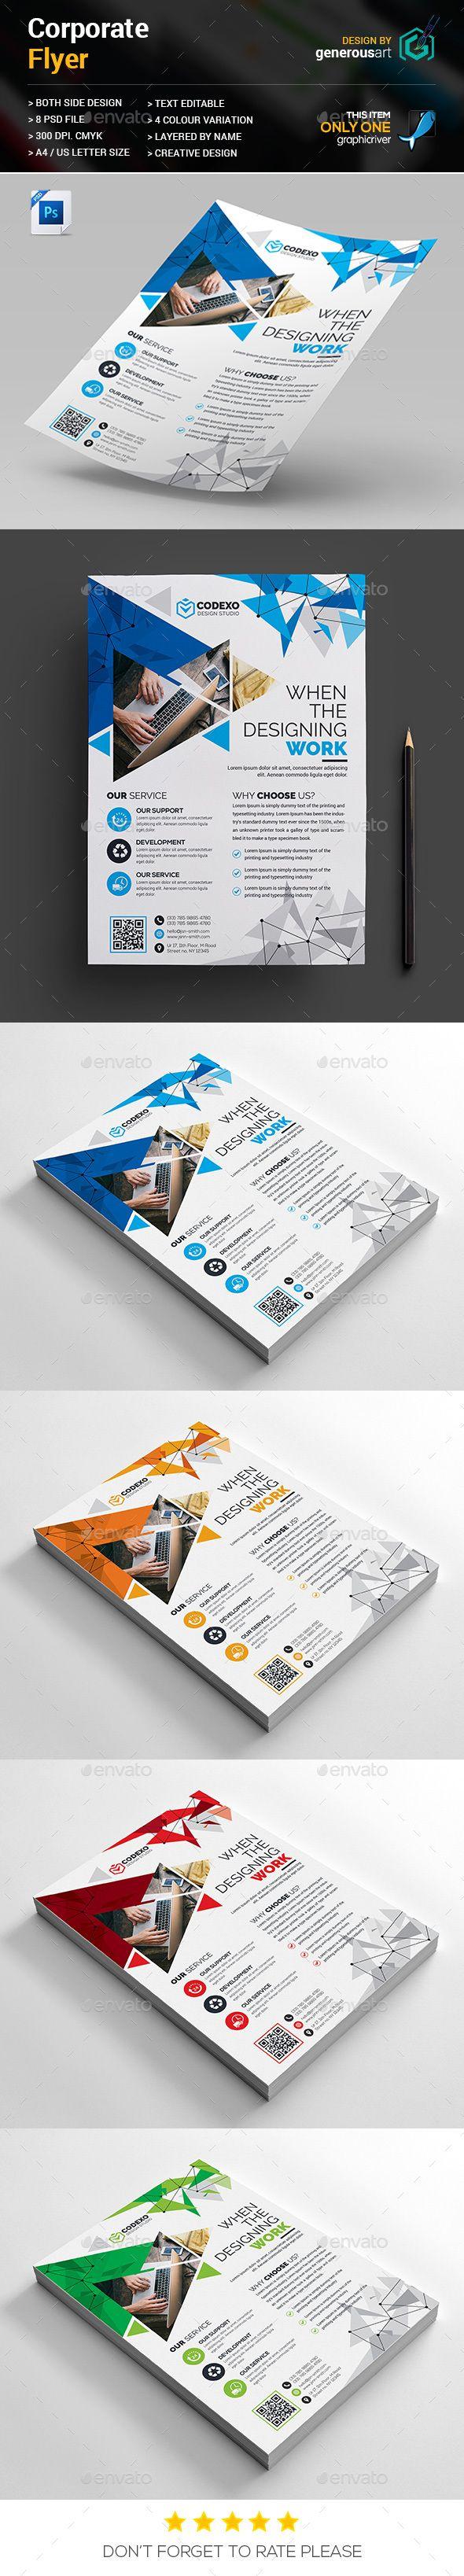 Flyers Design | Diseño corporativo, Folletos y Diversidad